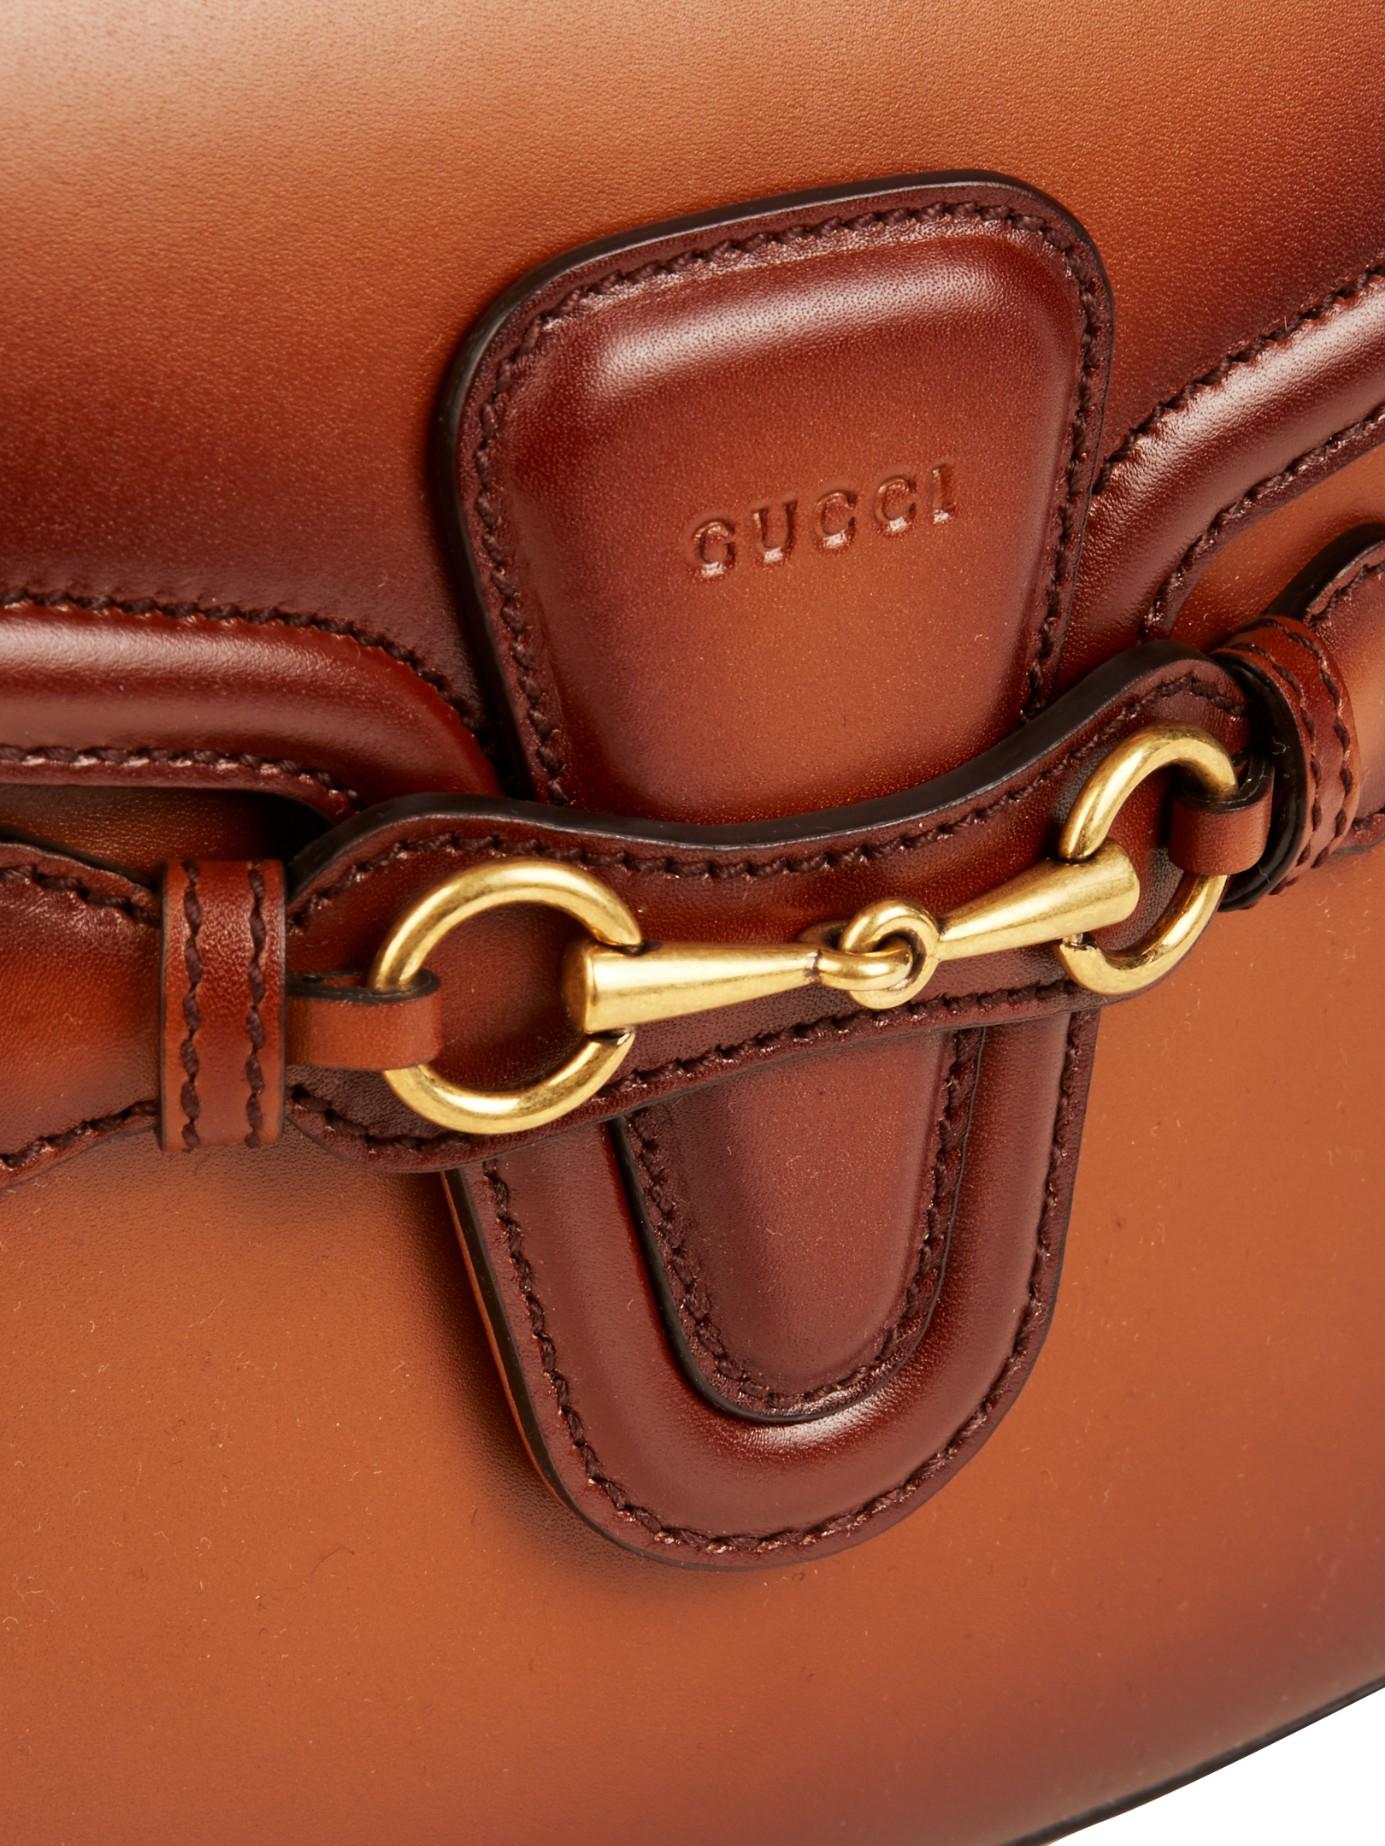 b9994f6c4798d0 Gucci Lady Web Medium Leather Shoulder Bag in Brown - Lyst